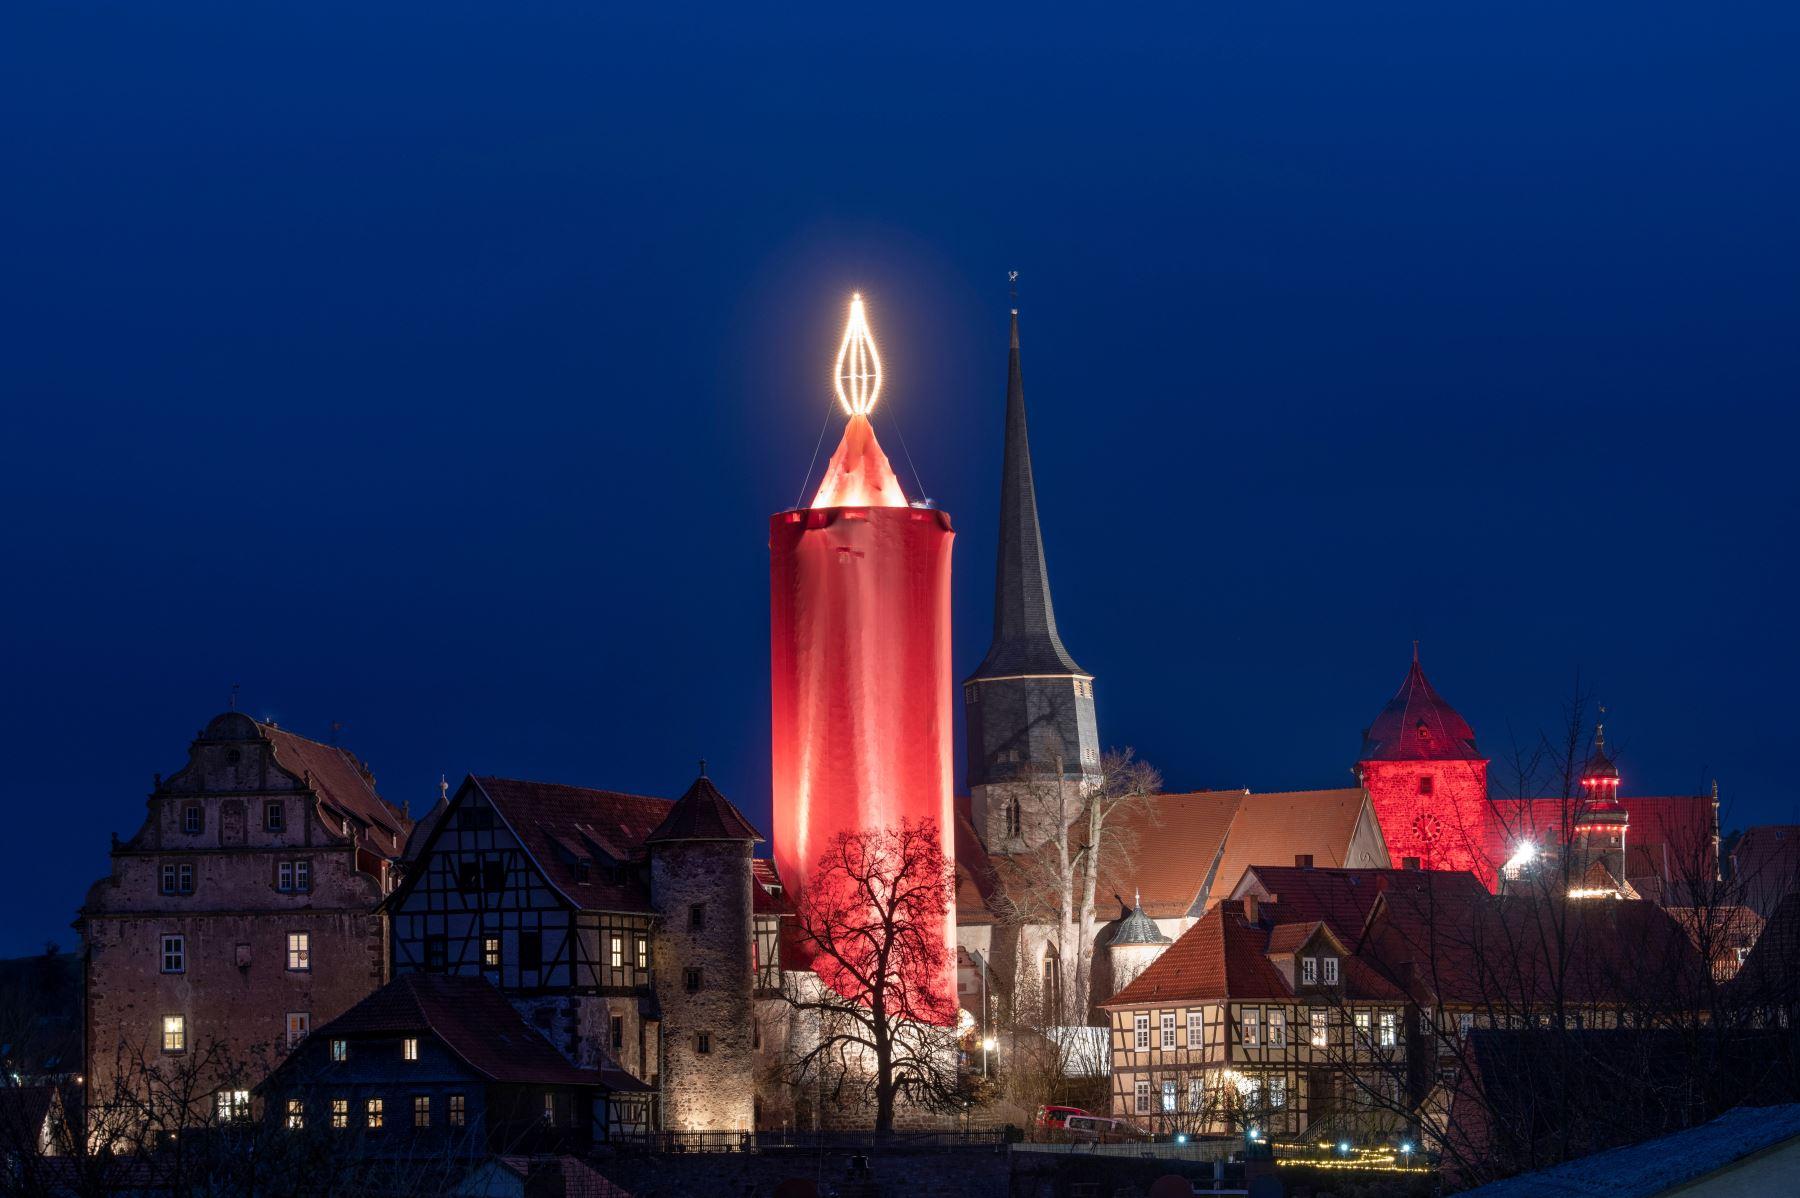 Una torre hecha como una vela gigante en Schlitz, Alemania central, como parte de las celebraciones navideñas. Foto: AFP